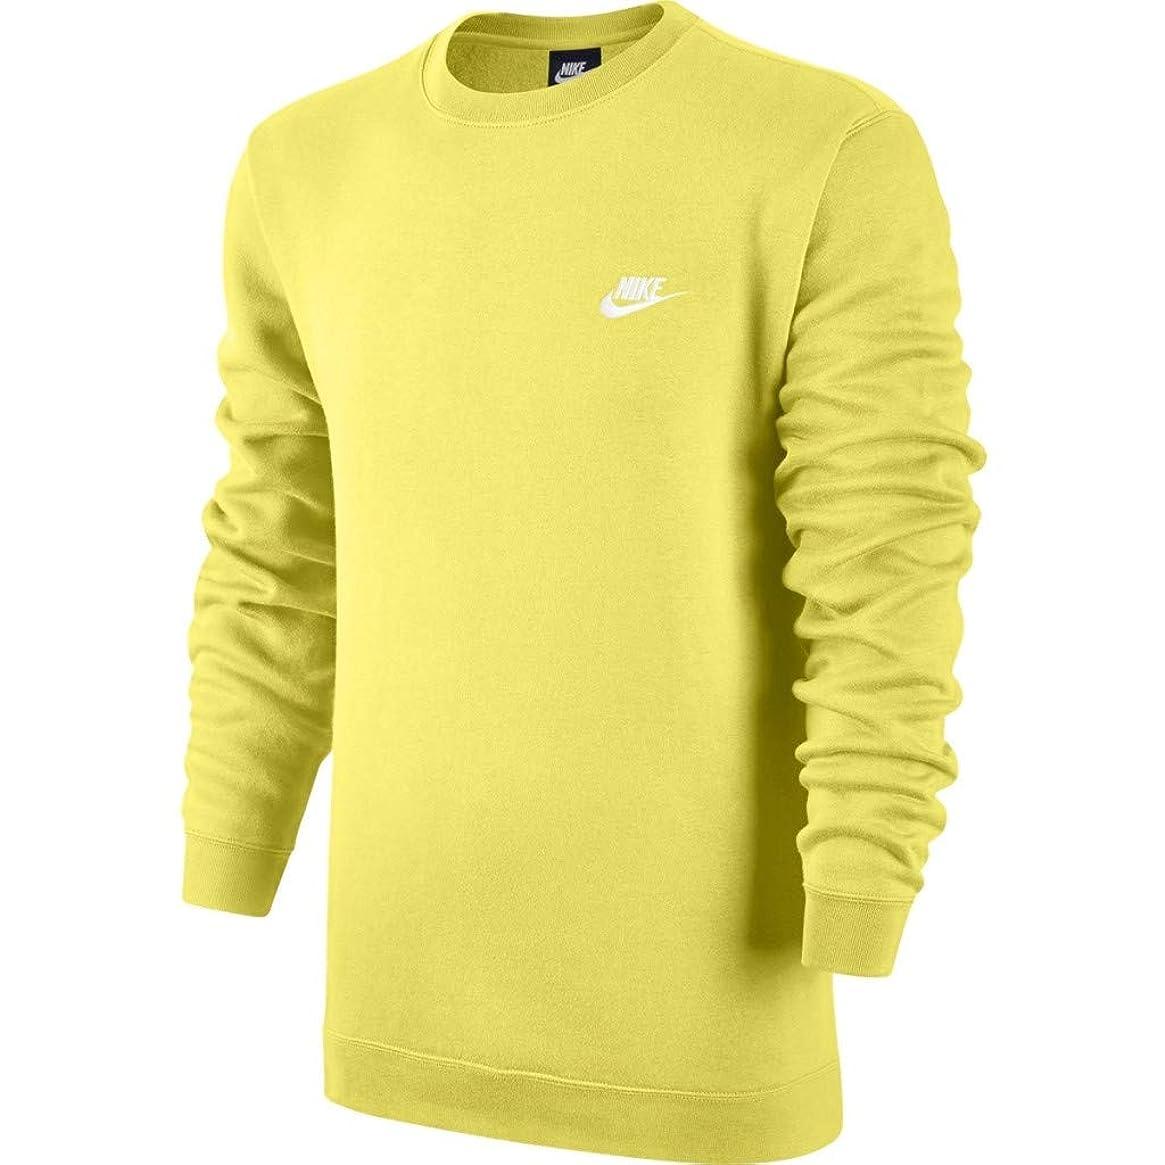 Nike Men's Sportswear Crew Sweatshirt